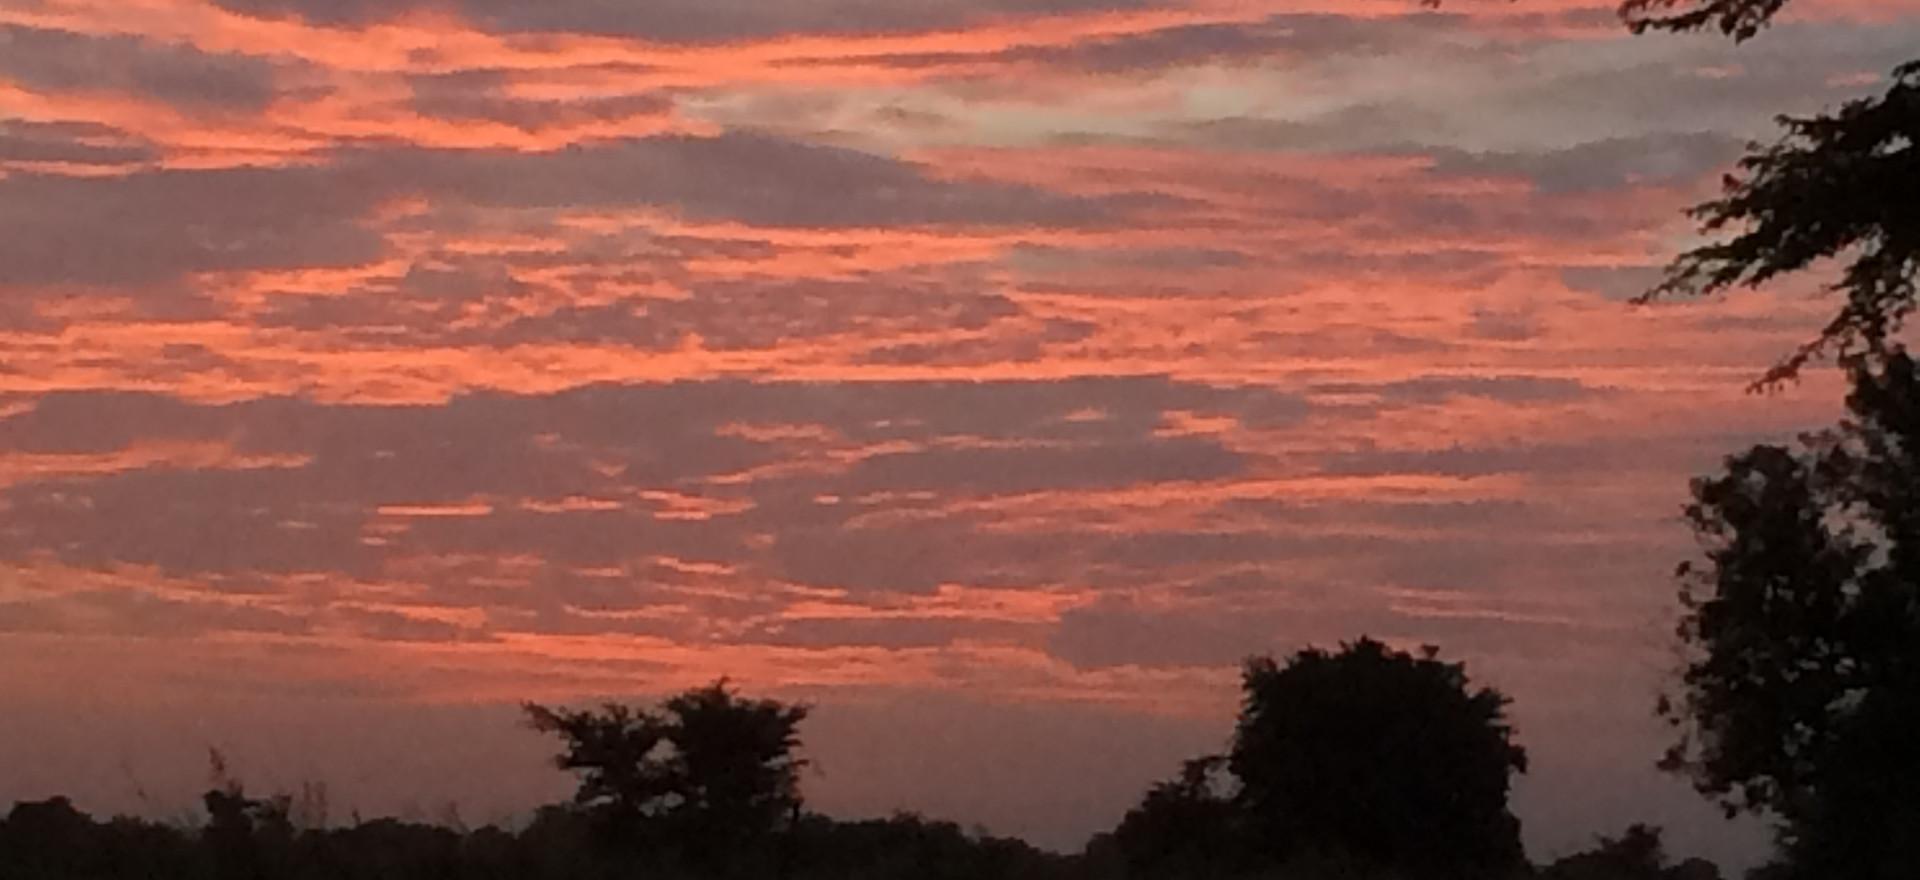 Sahel Sunset